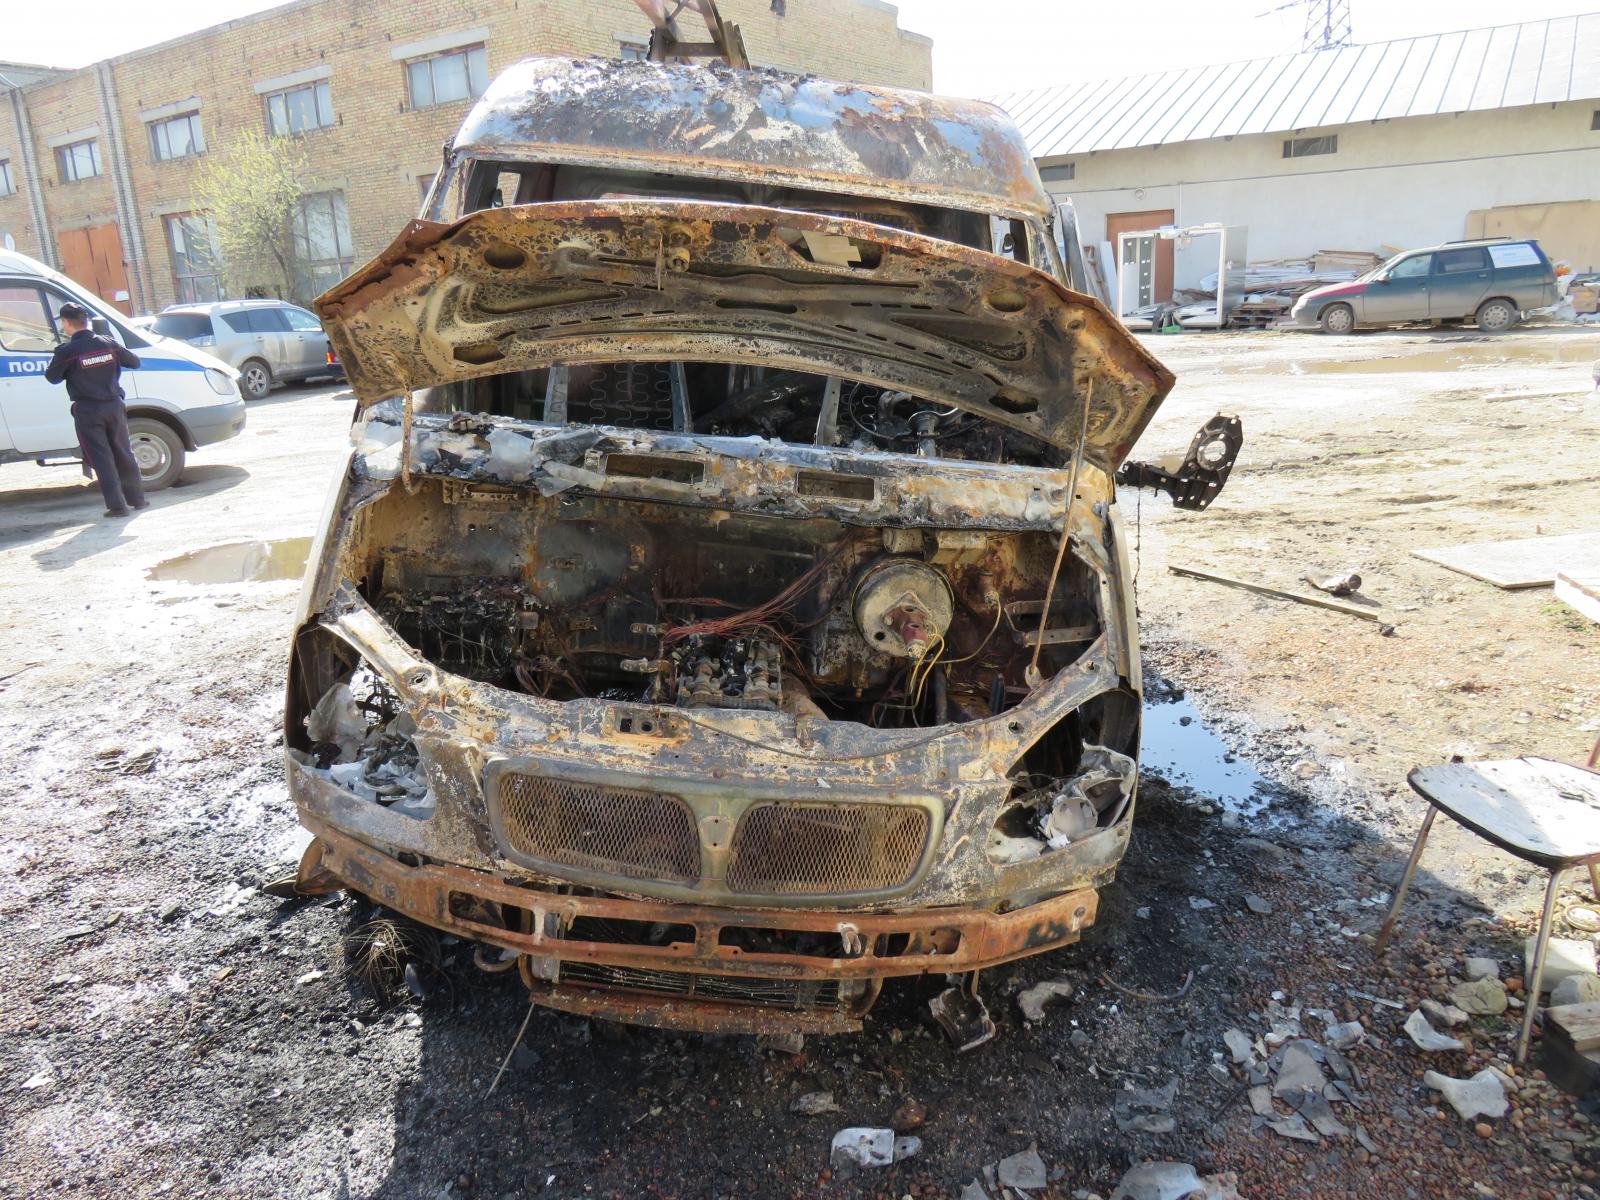 ВПензе наКижеватова ночью сгорел Митсубиши